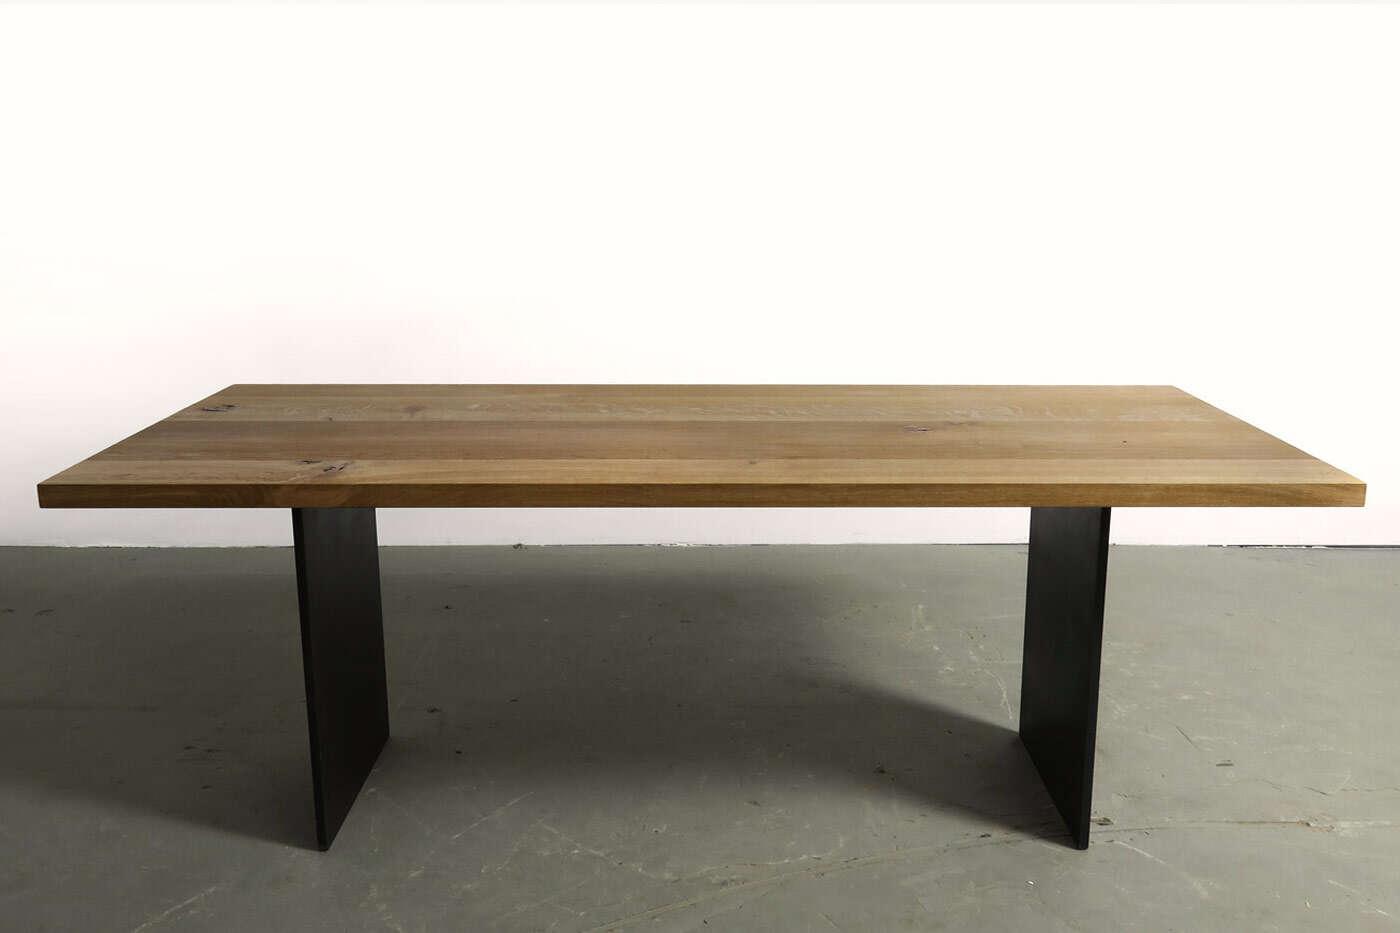 esstisch nach mass dusseldorf m bel und heimat design inspiration. Black Bedroom Furniture Sets. Home Design Ideas